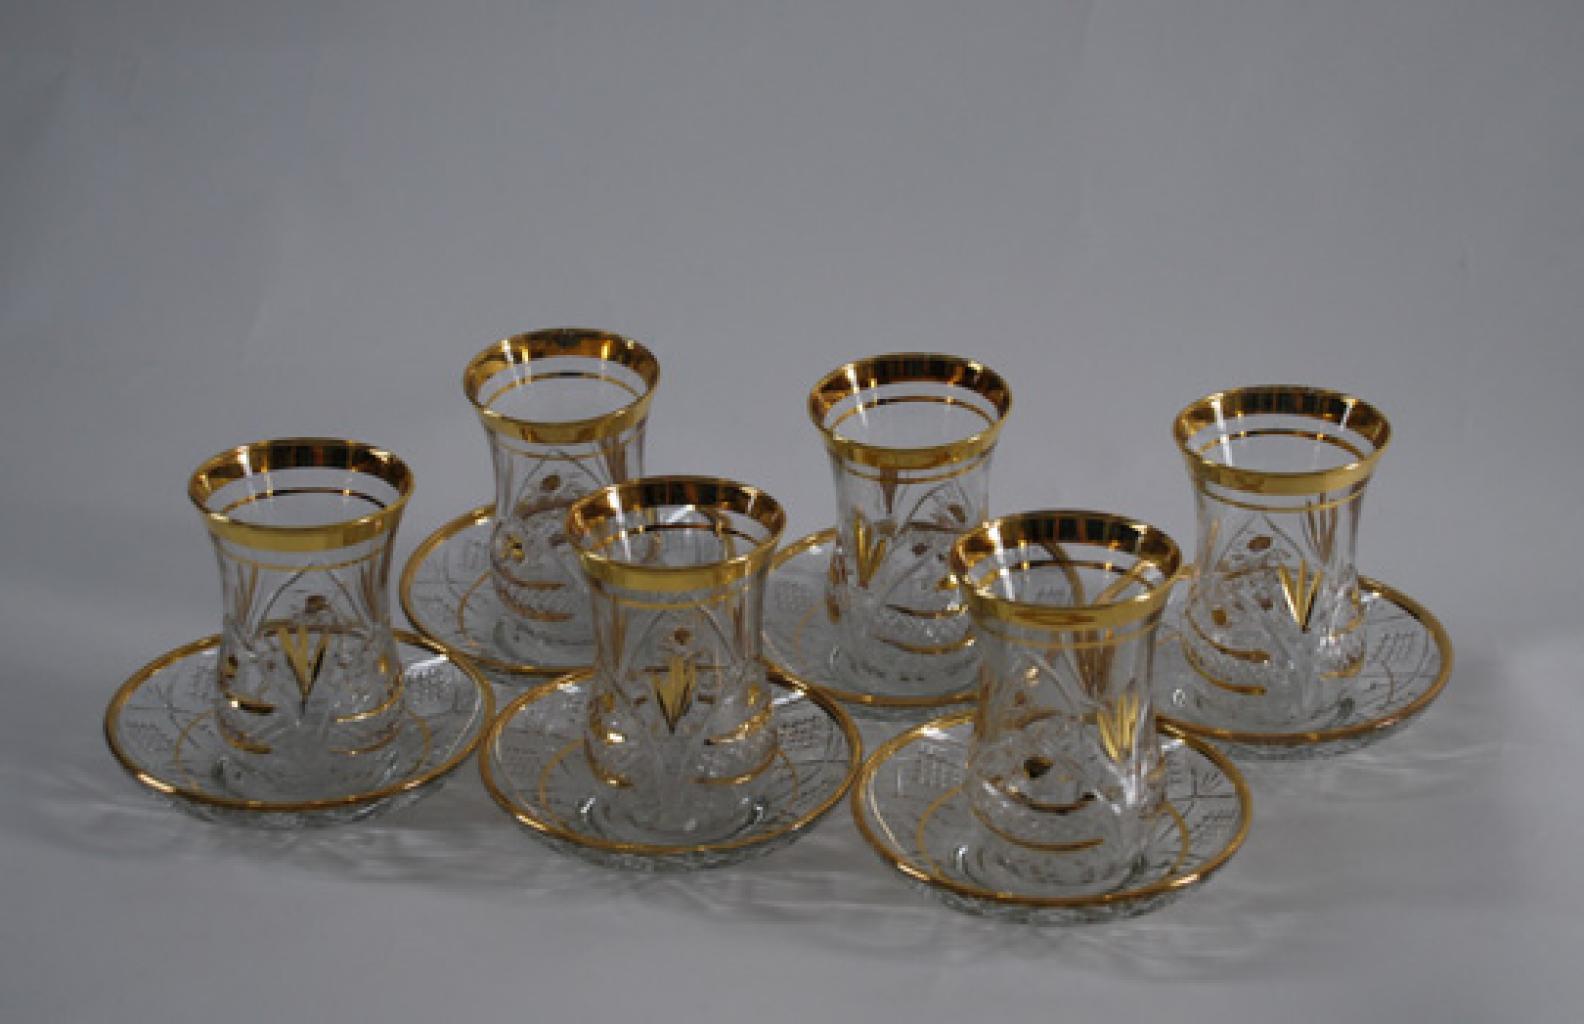 Turkish Cut Glass Arabian Tea Set gi440